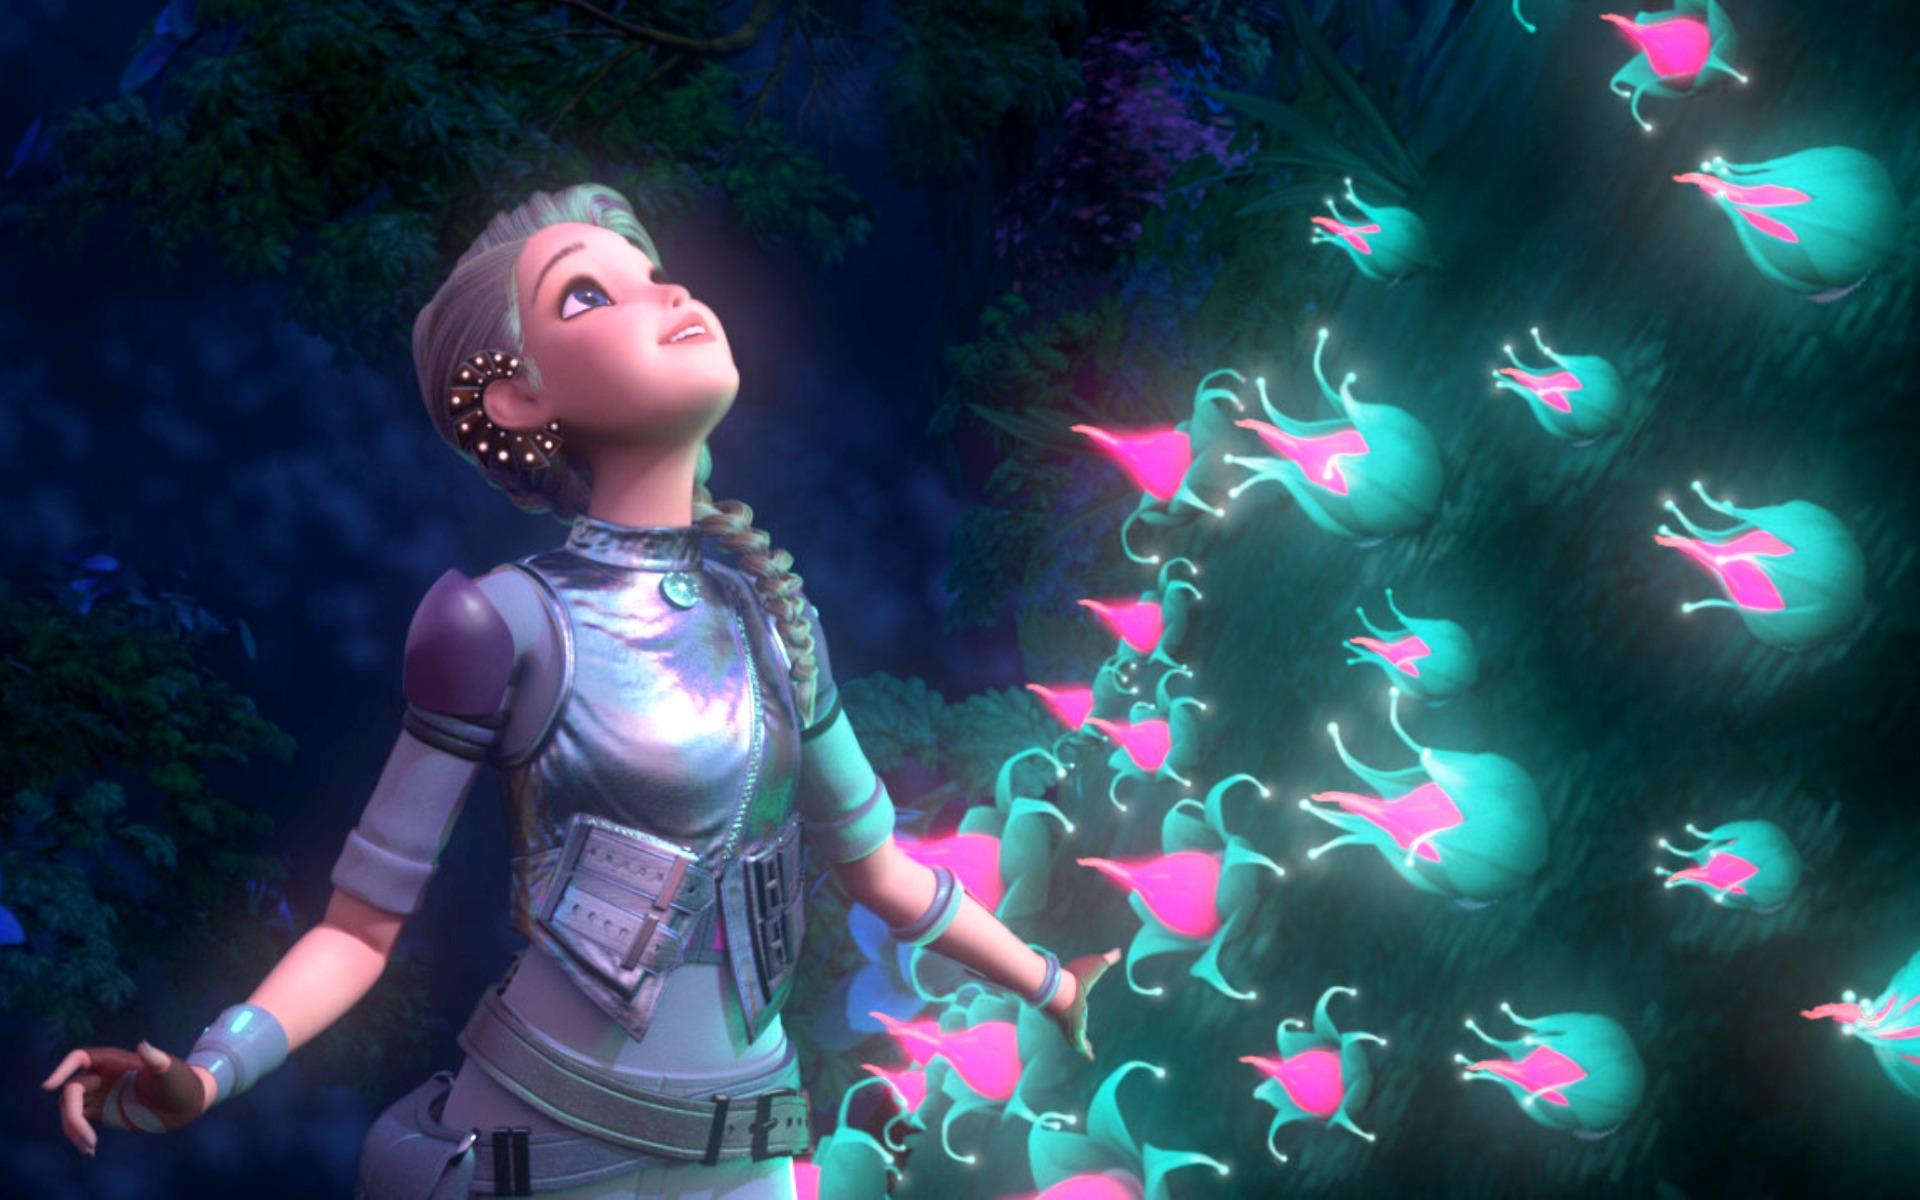 Картинка Барби и космическое приключение » Мультики ...